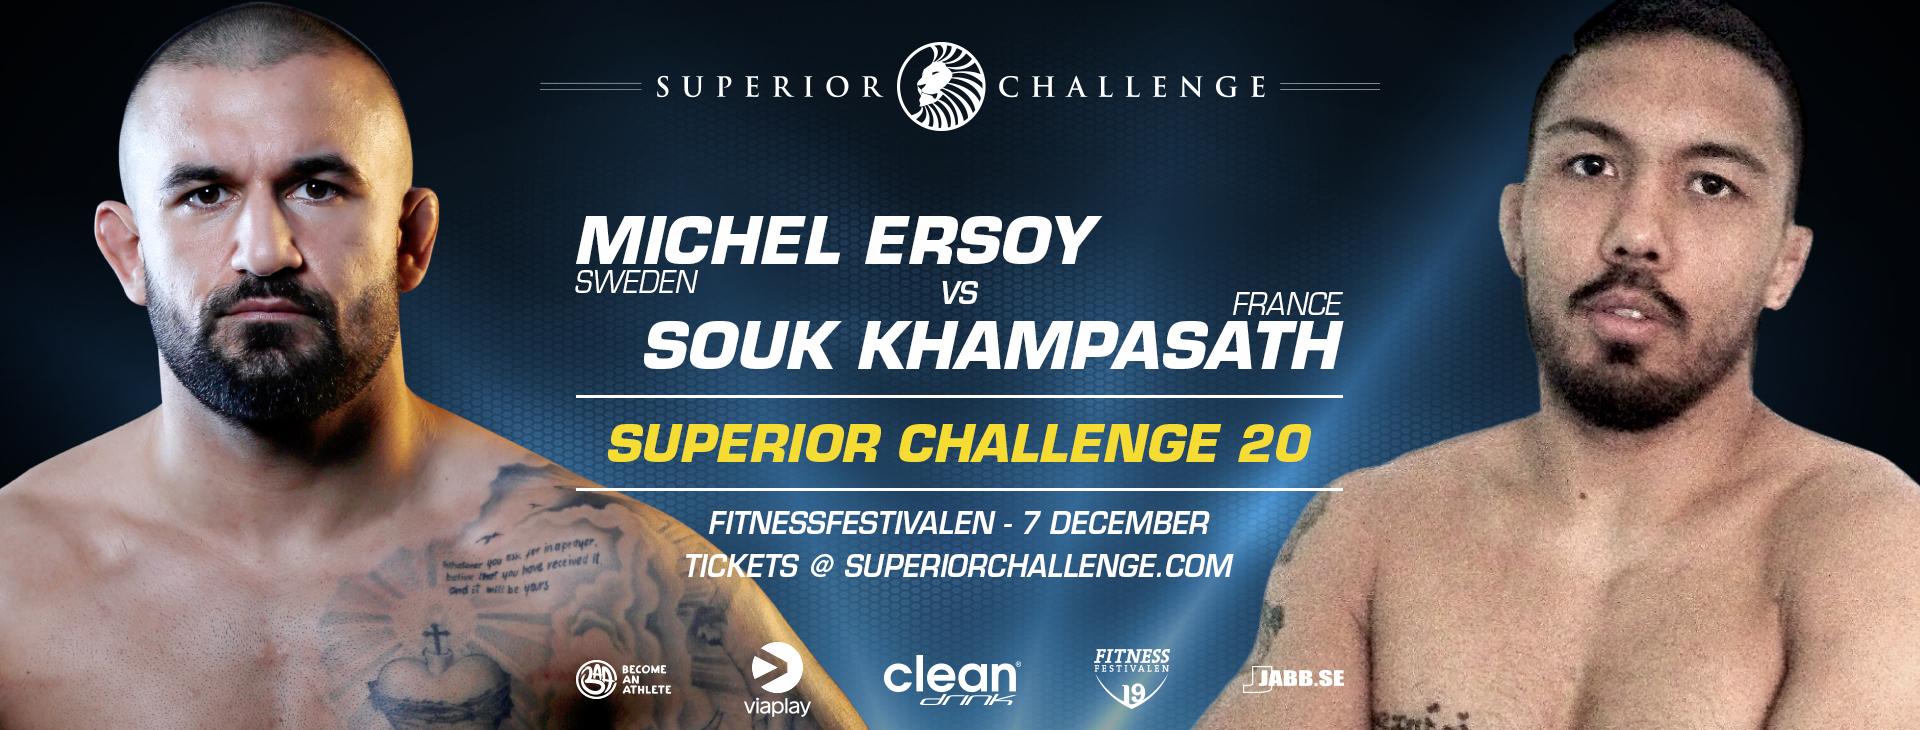 Michel Ersoy vs Souksavanh Khampasath Superior Challenge 20 – Fitnessfestivalen den 7:e december